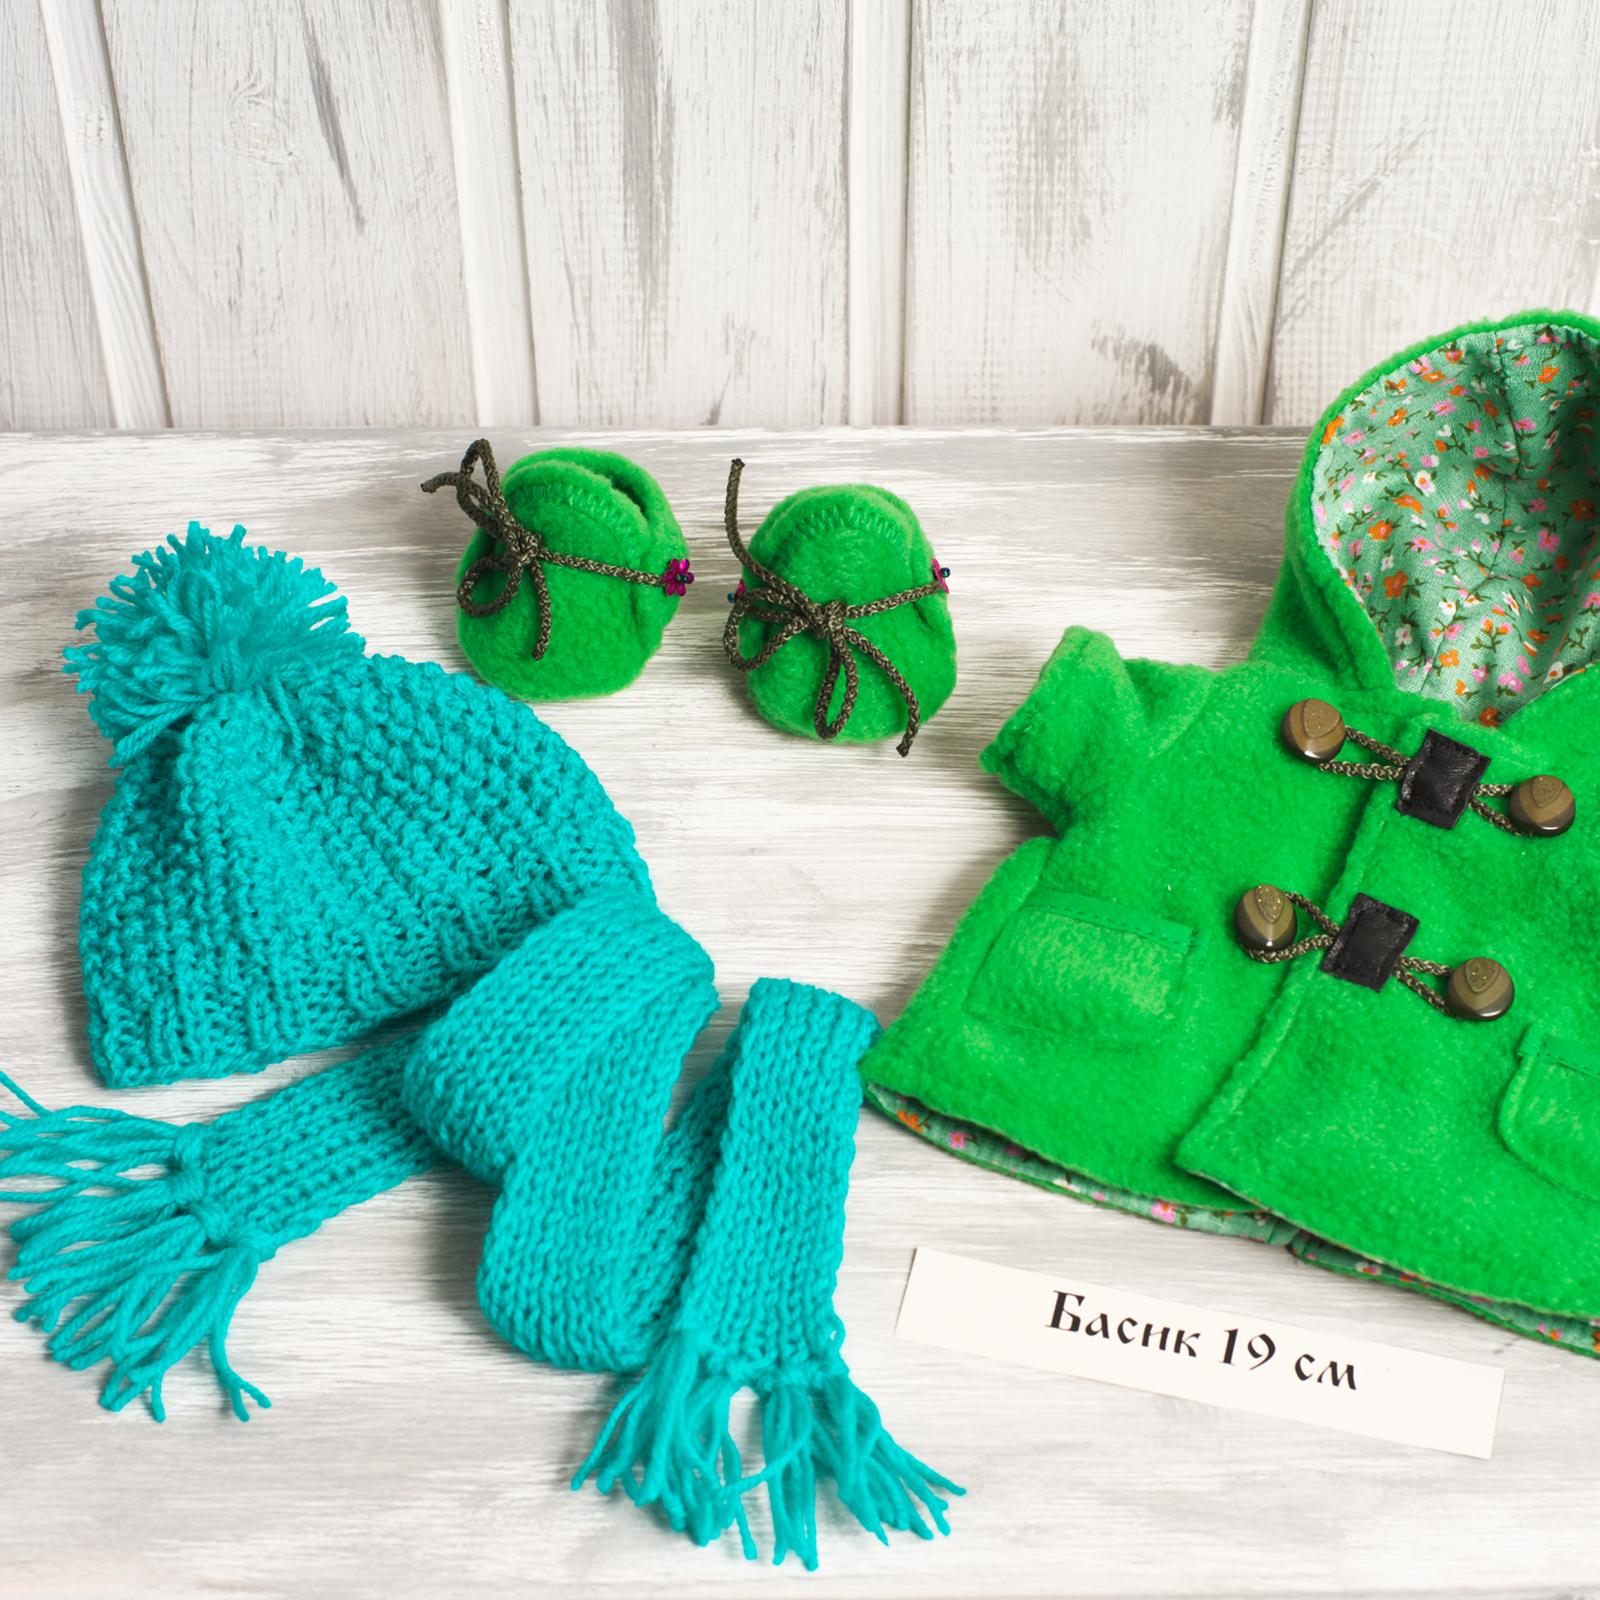 Акция, вместо 1050₽! Пальто зелёное, Обувь, шапочка и шарф